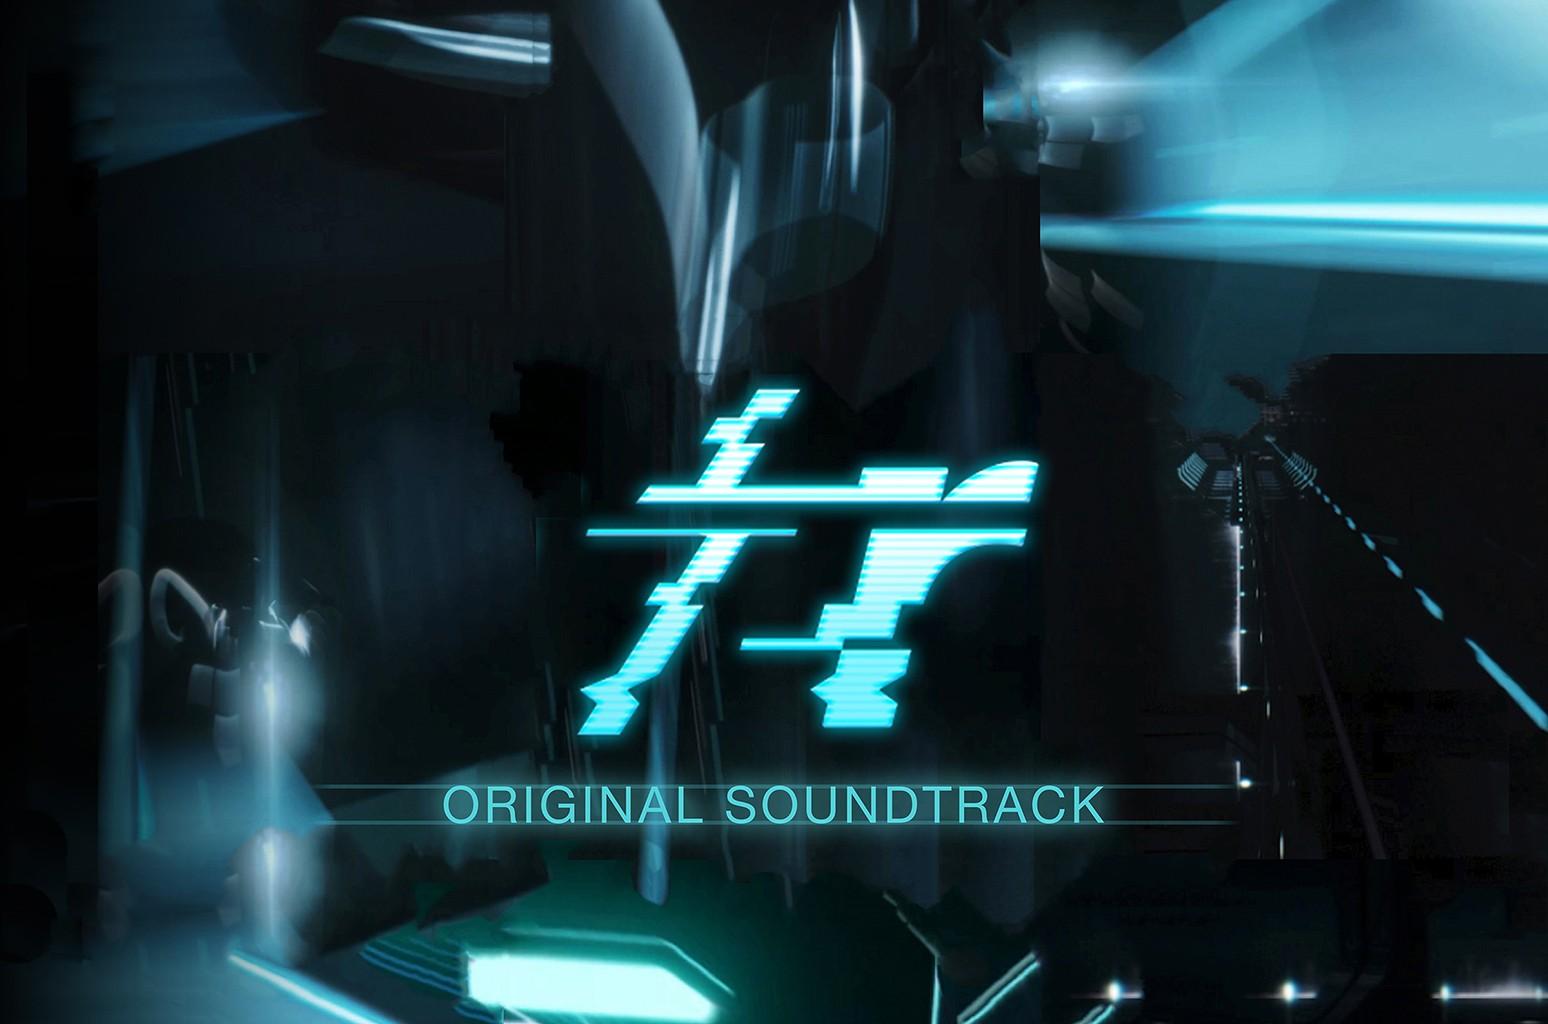 Tron Soundtrack album art 2016